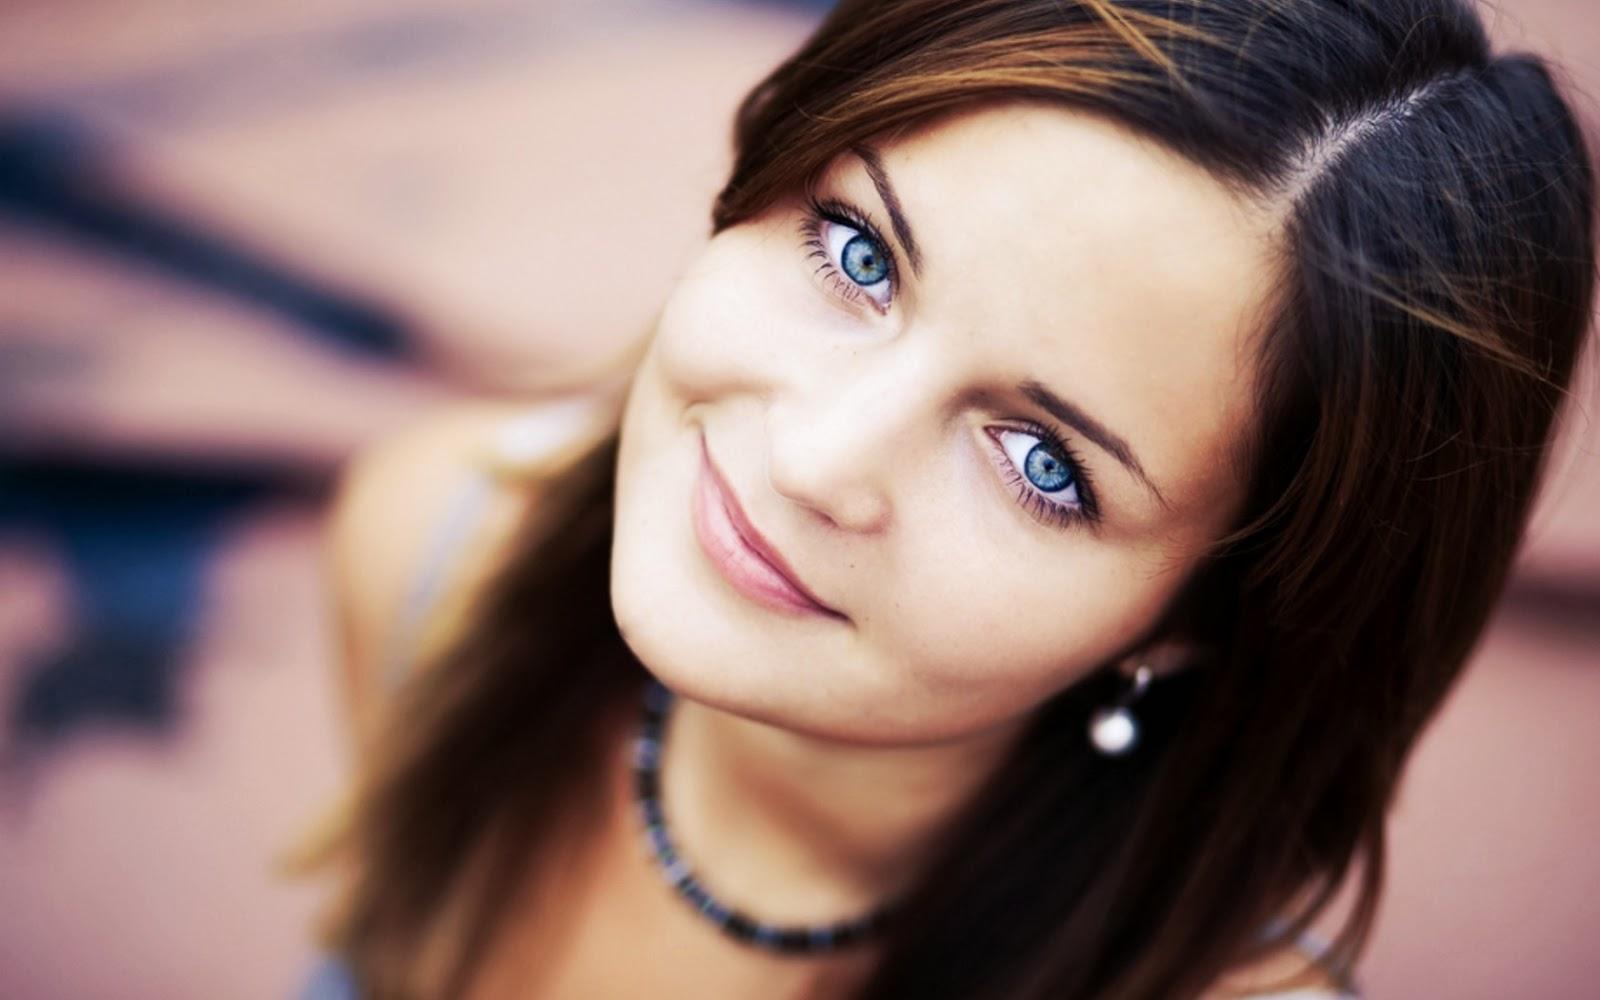 صوره اجمل الصور للفيس بوك للصور الشخصية للبنات , صور بنات كيوت